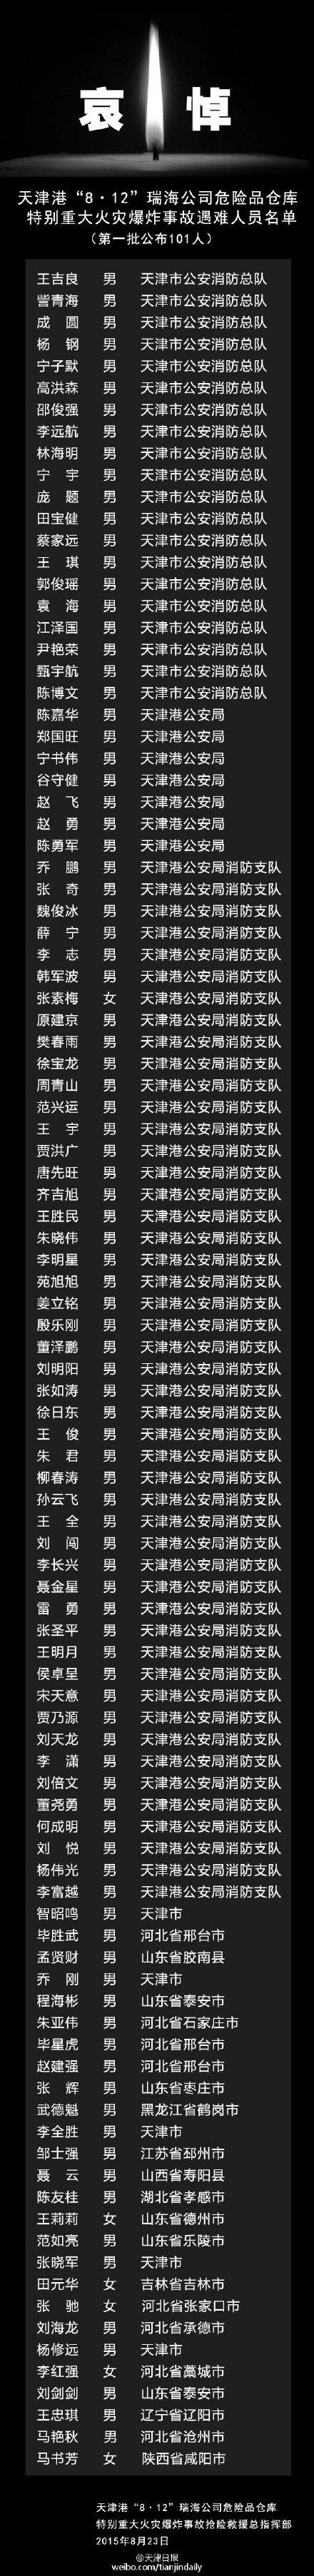 第一批公布名单